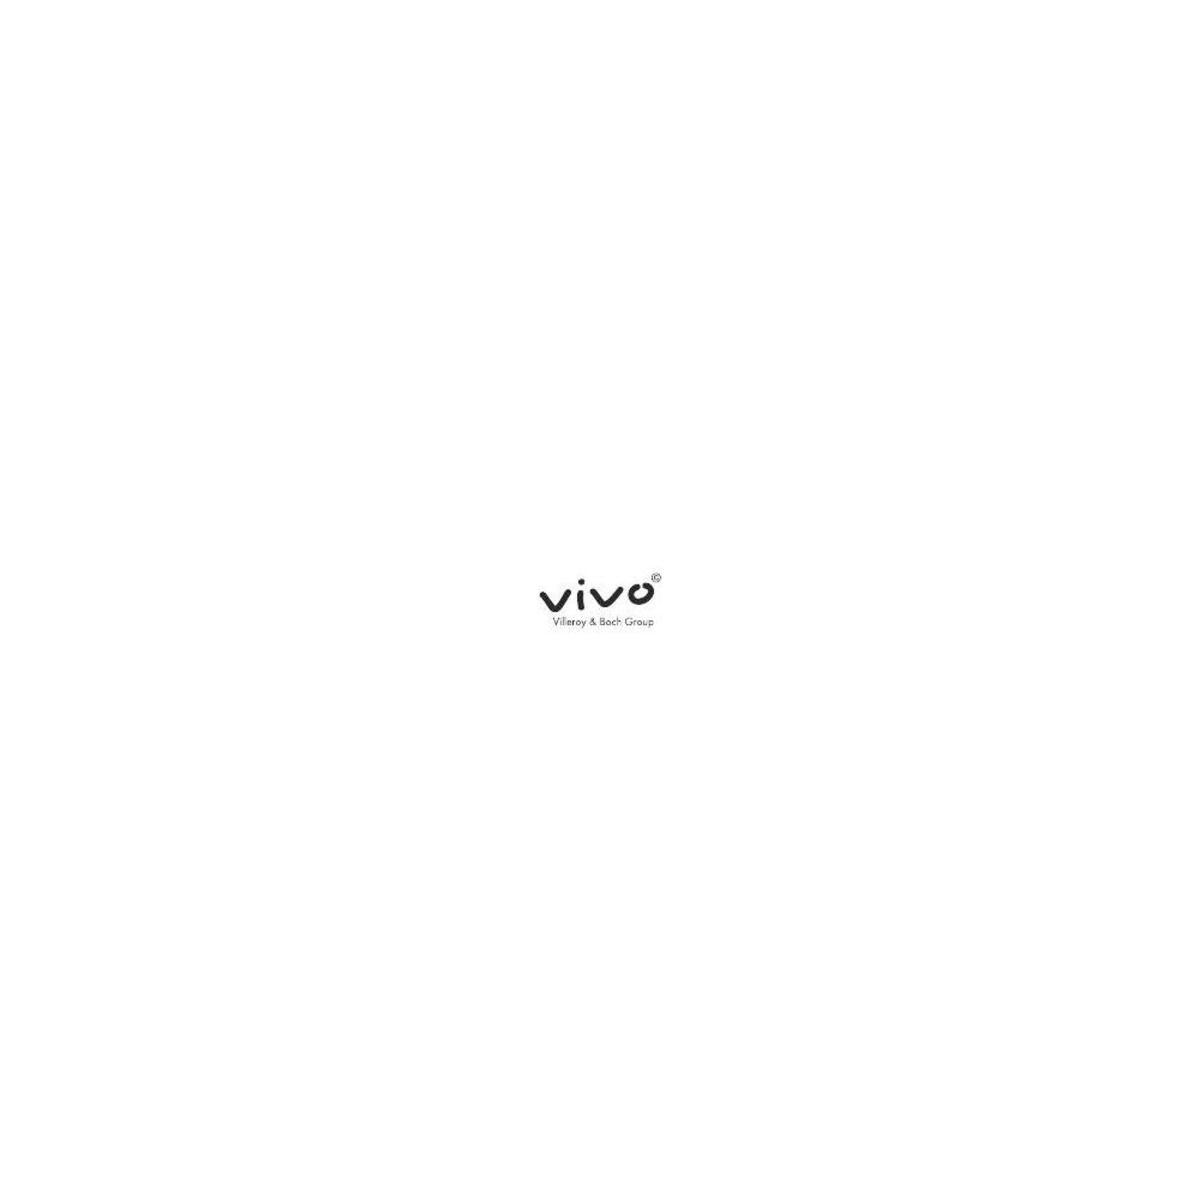 Bild 4 von Weißweingläser Vivo Voice Basic 4er Set